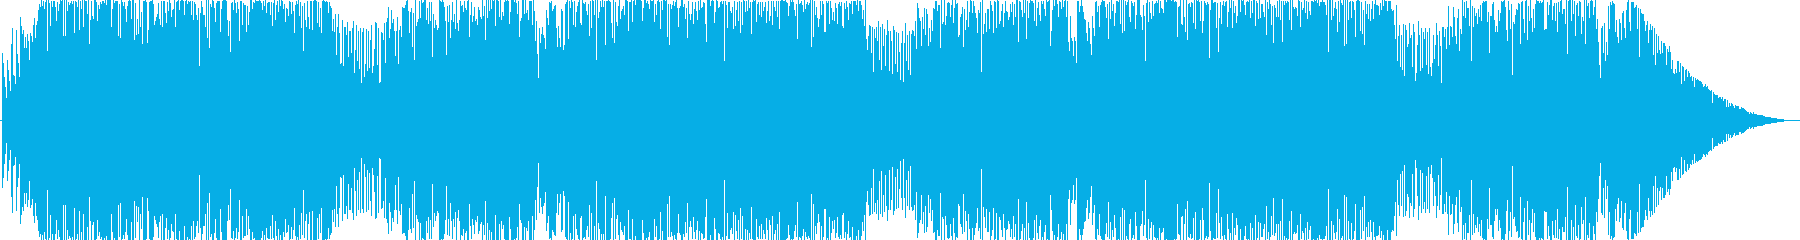 ビックバンド風カートゥーンなコミカル曲の再生済みの波形